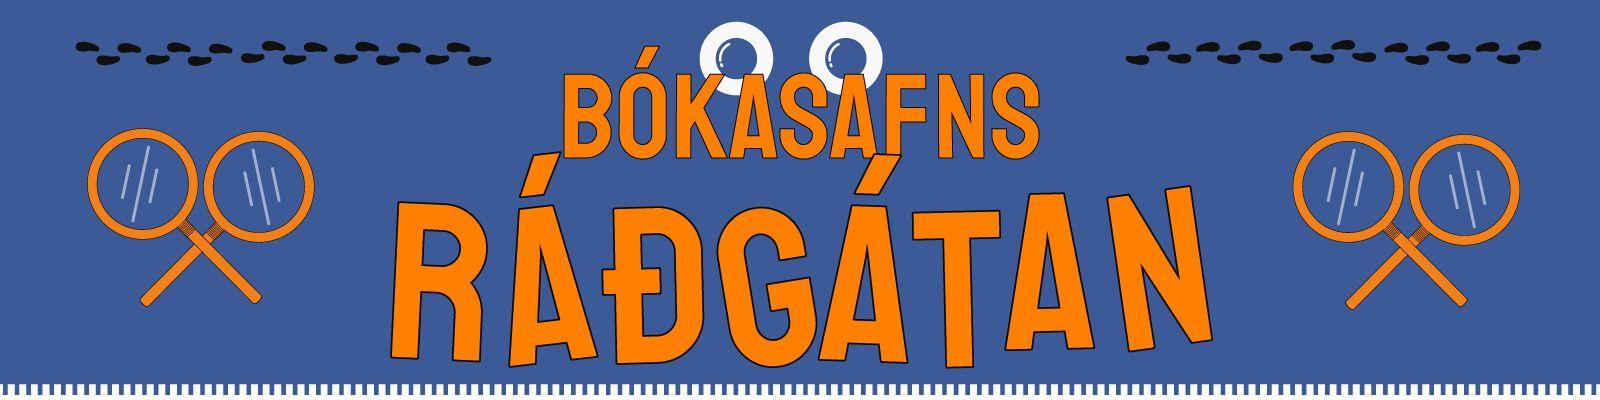 Bókasafnsráðgátan